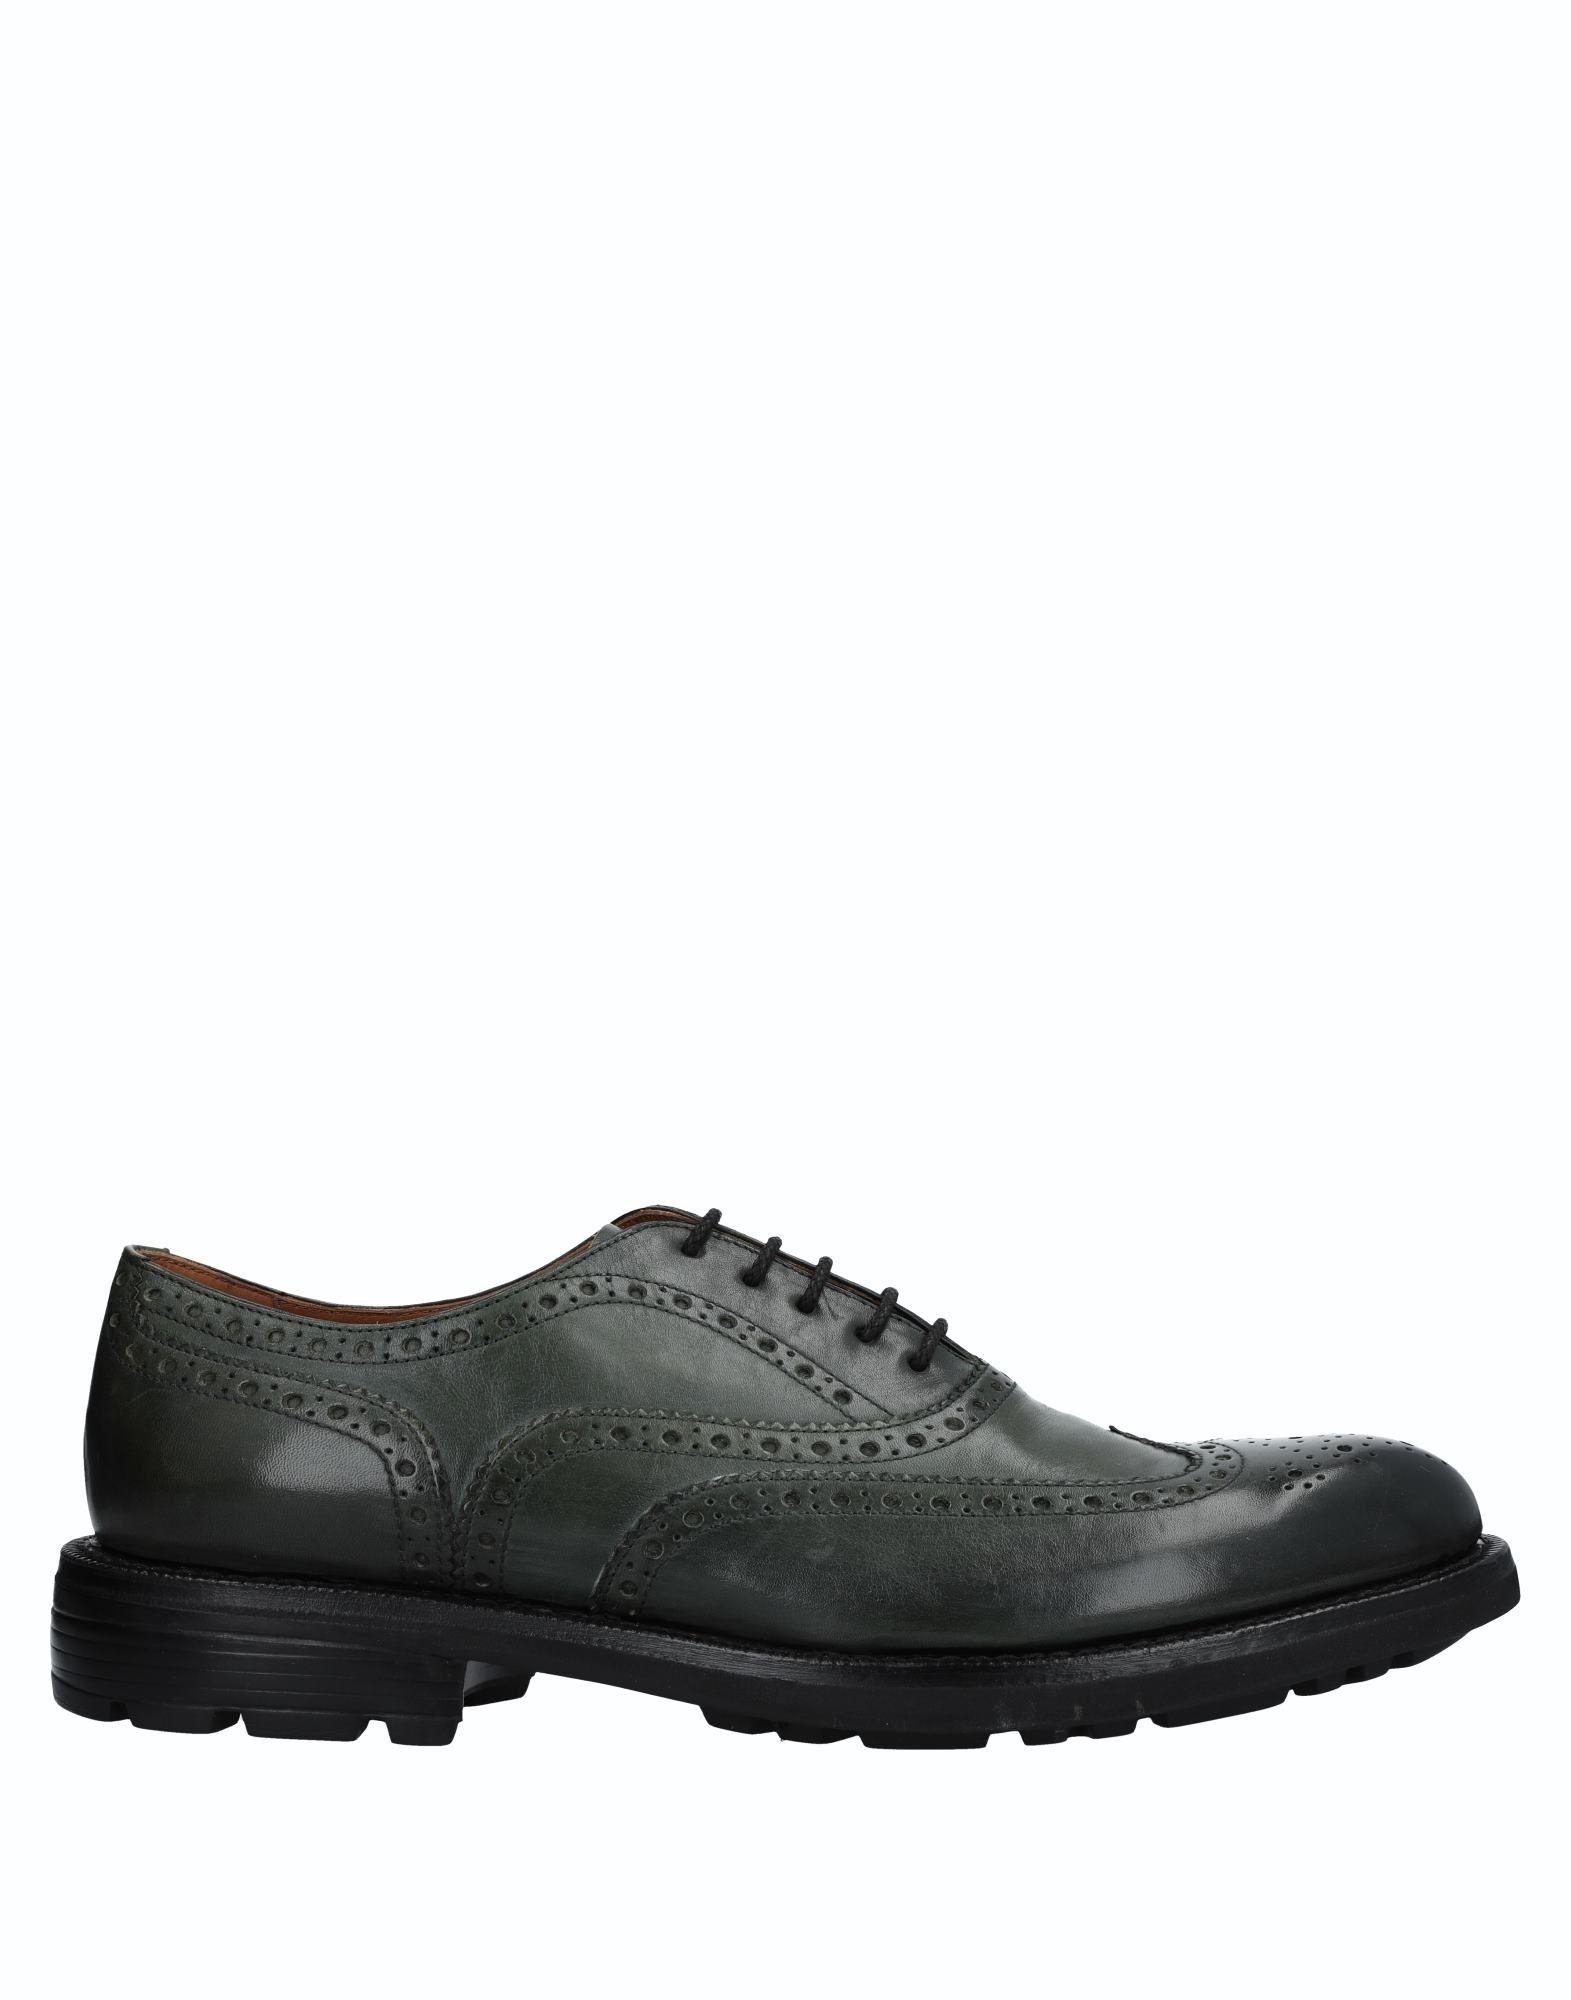 Rabatt echte Schuhe Herren Campanile Schnürschuhe Herren Schuhe  11523100VM d095df